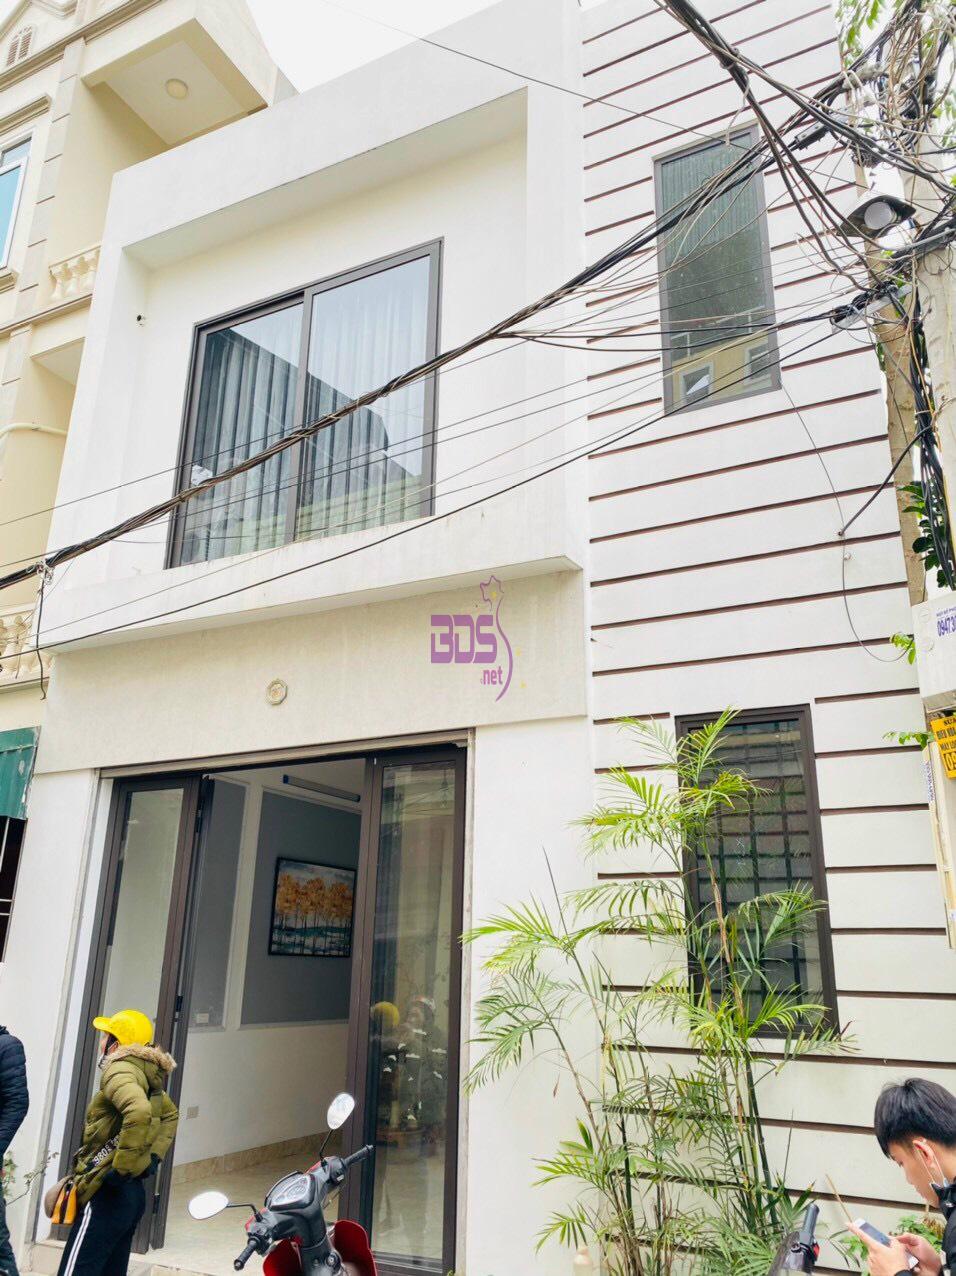 Bán dùm chủ căn nhà 2 tầng phố Lê Viết Quang, Ngọc Châu 59.3m2-0